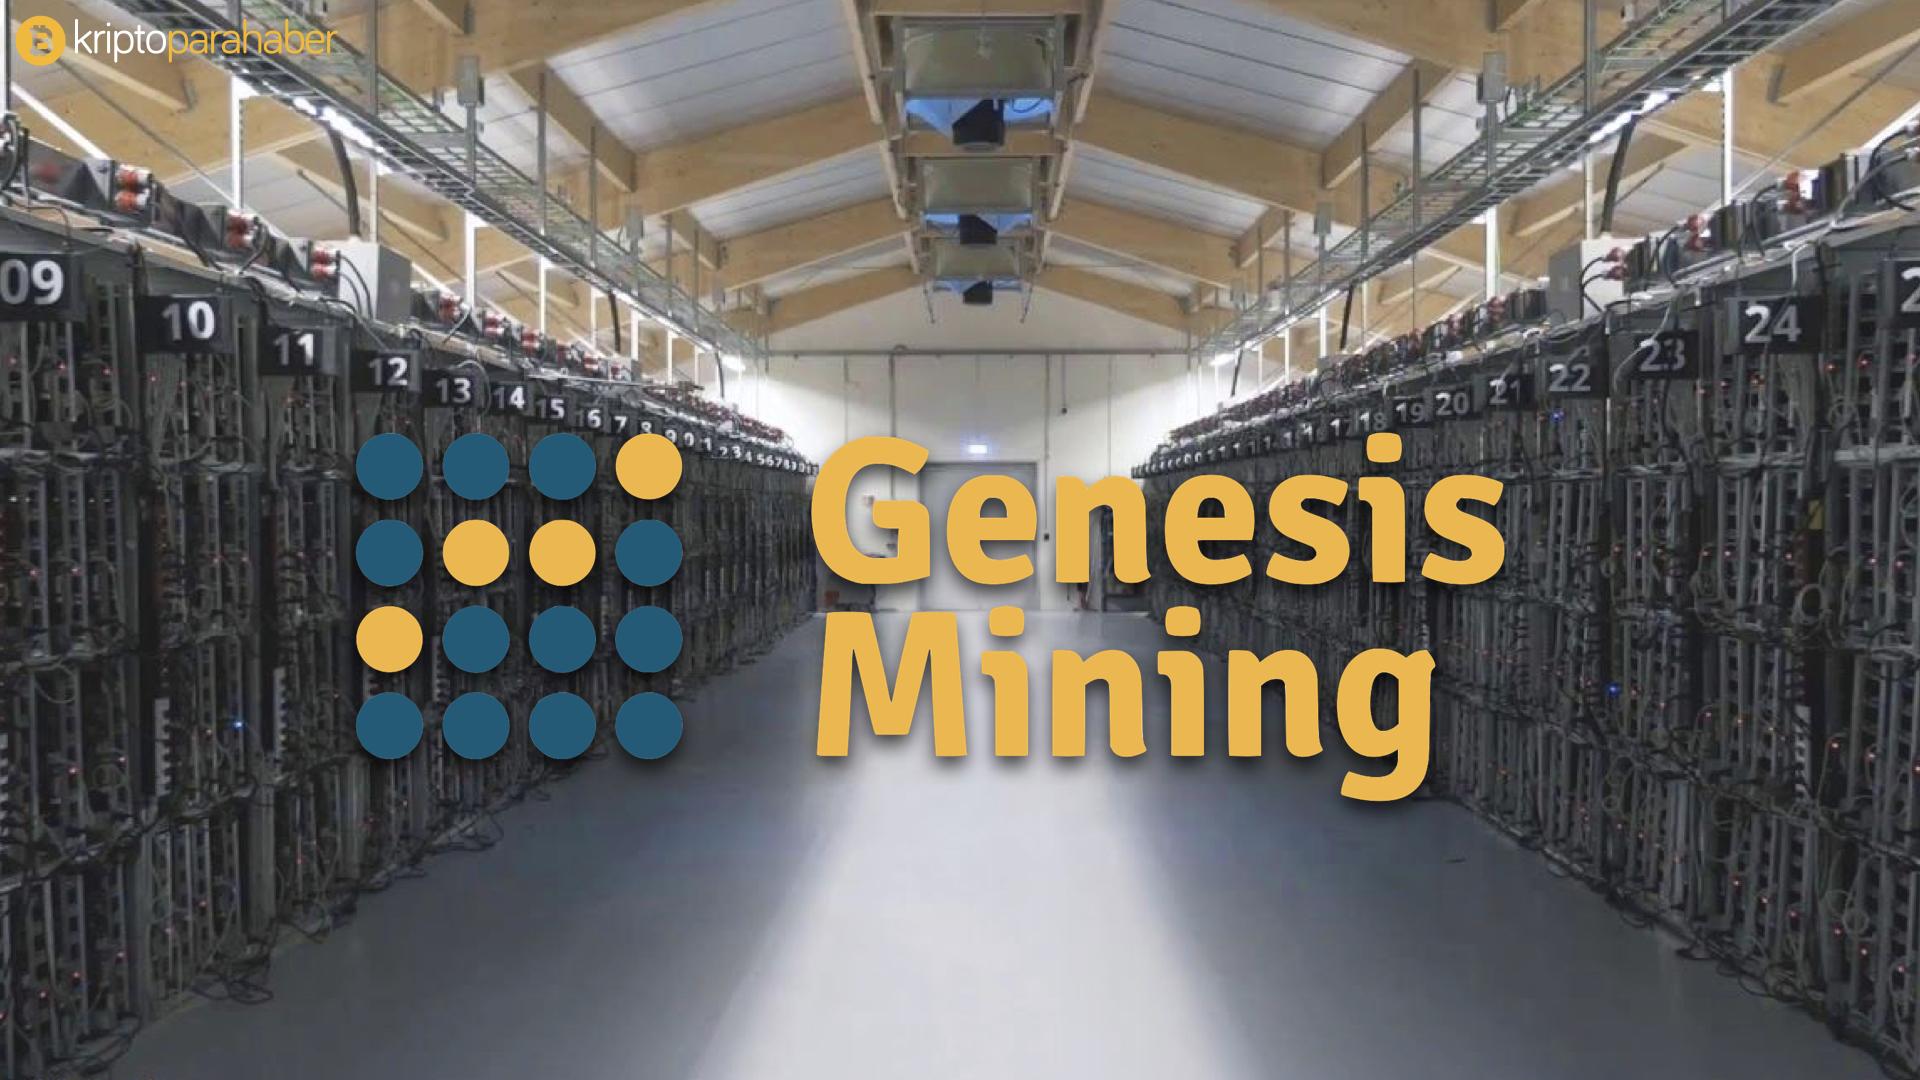 Genesis Mining düşük seviyedeki sözleşmeleri sonlandıracak.